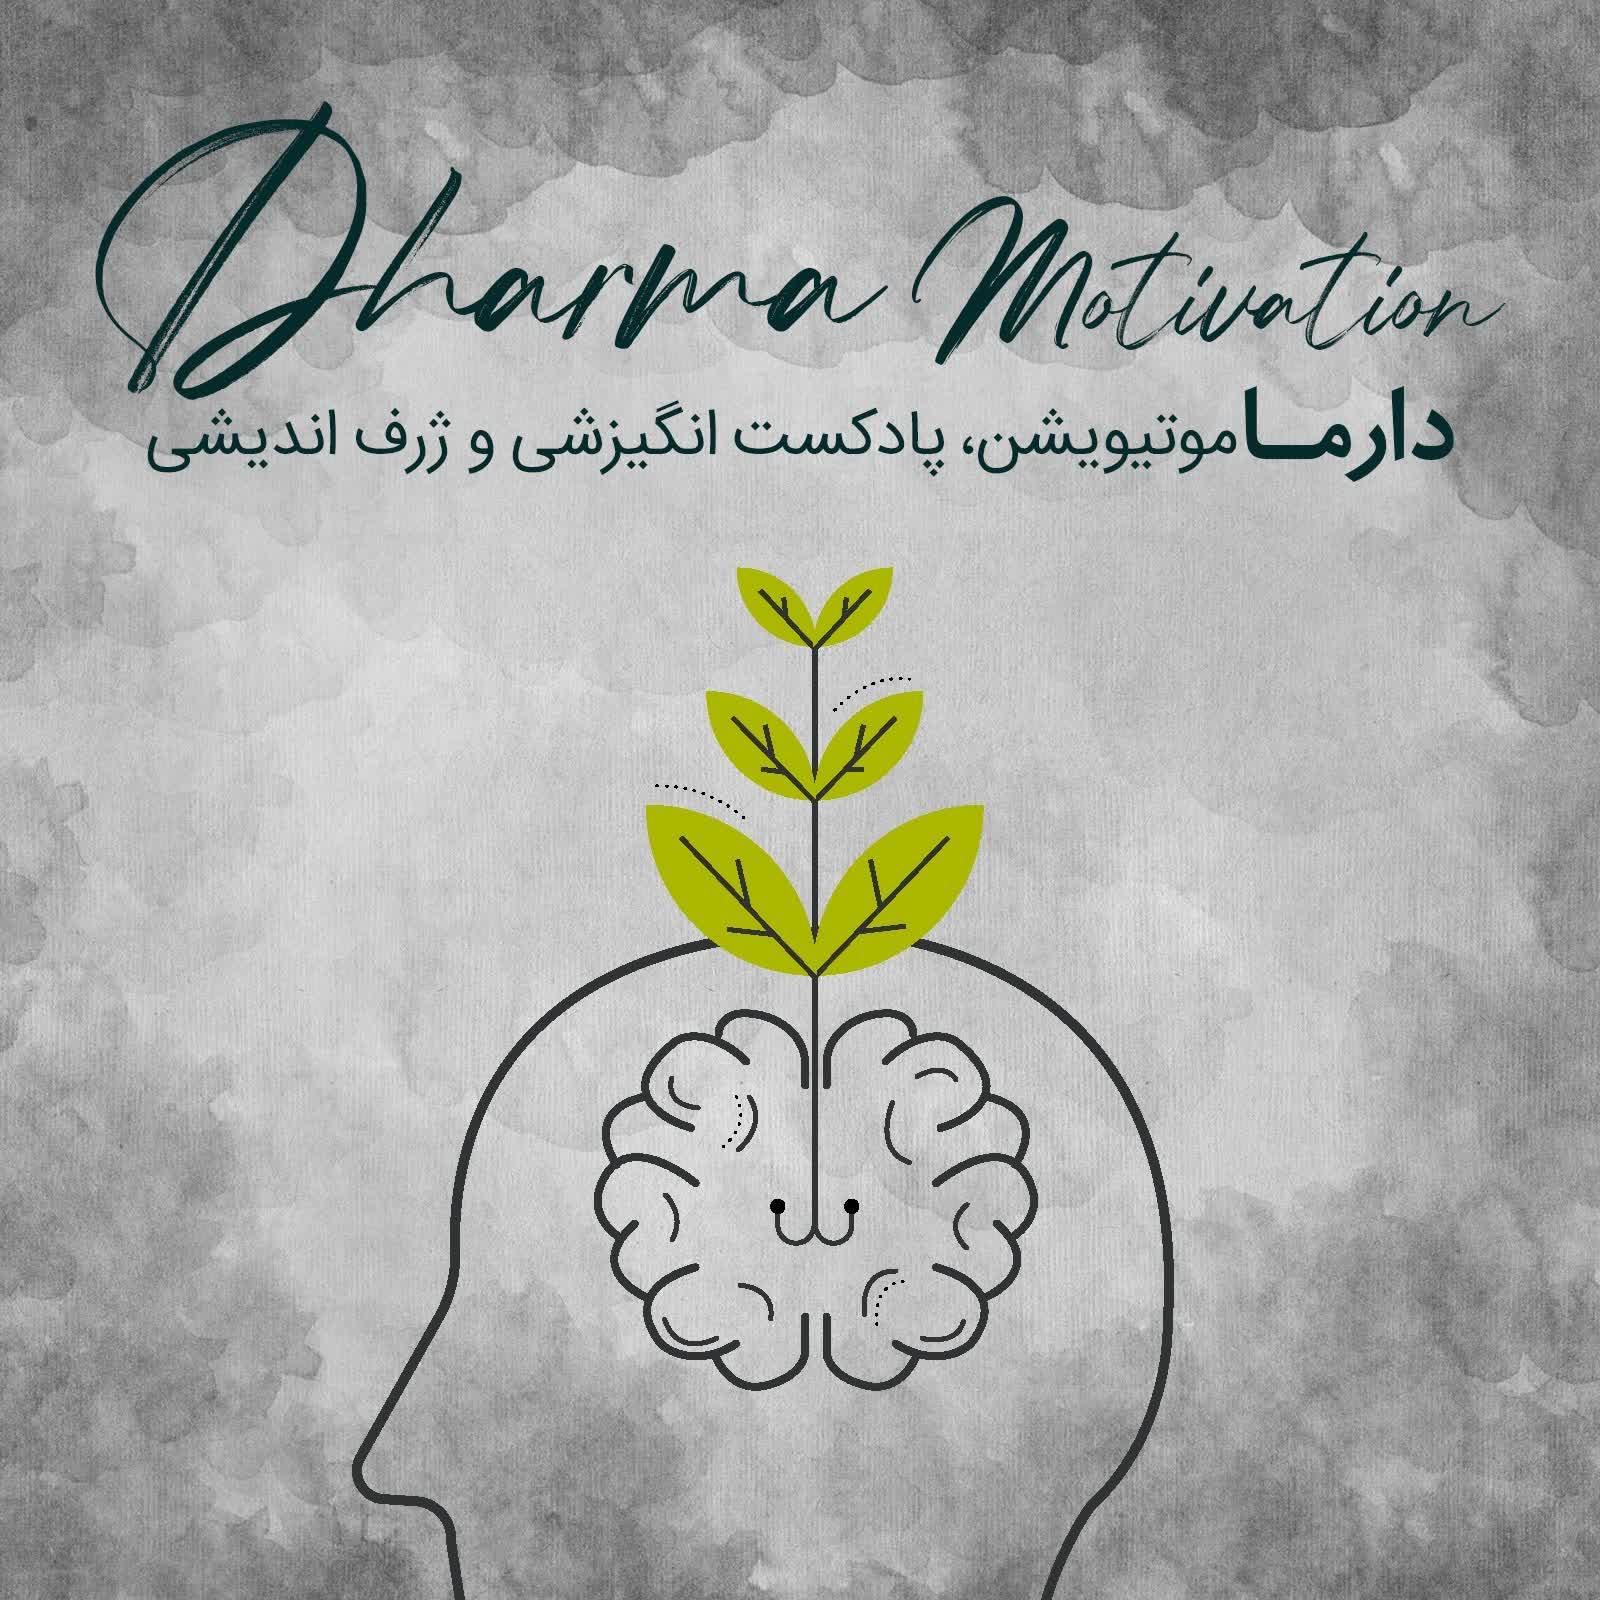 پادکست انگیزشی و ژرفاندیشی دارما موتیویشن | Dharma Motivation Podcast